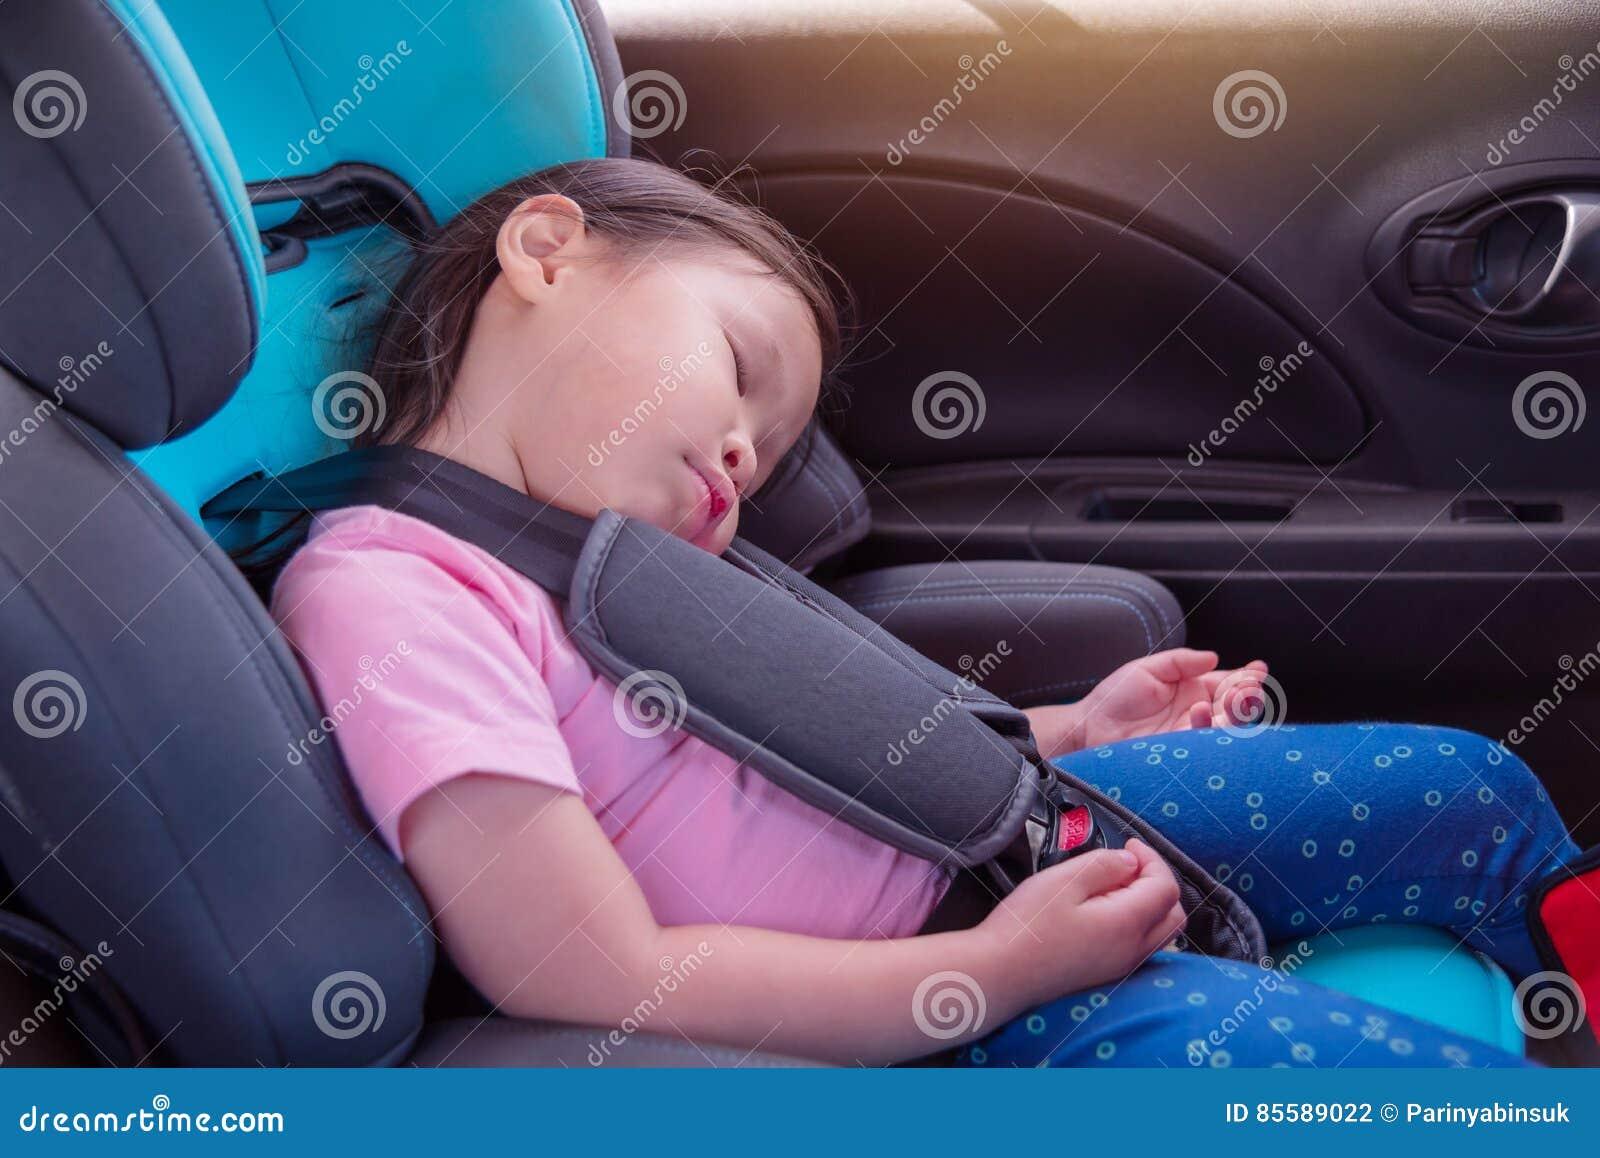 Meisjesslaap op carseat in auto